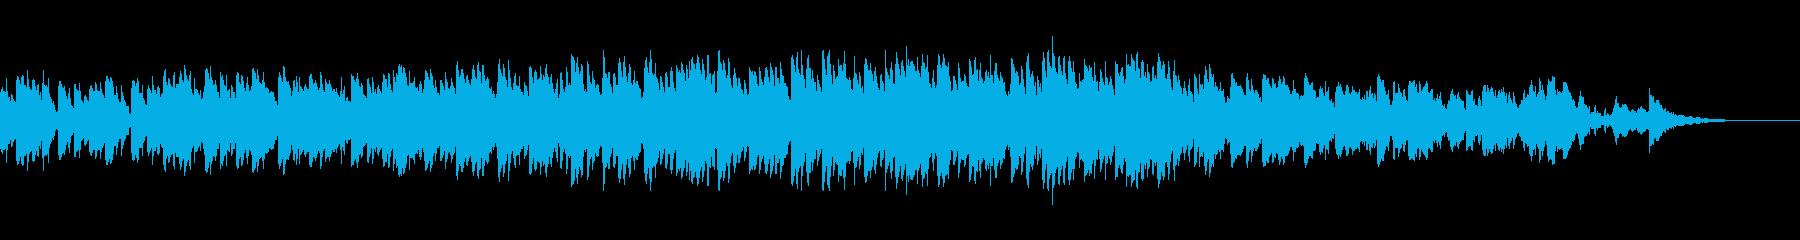 映画エクソシスト風のホラー曲の再生済みの波形